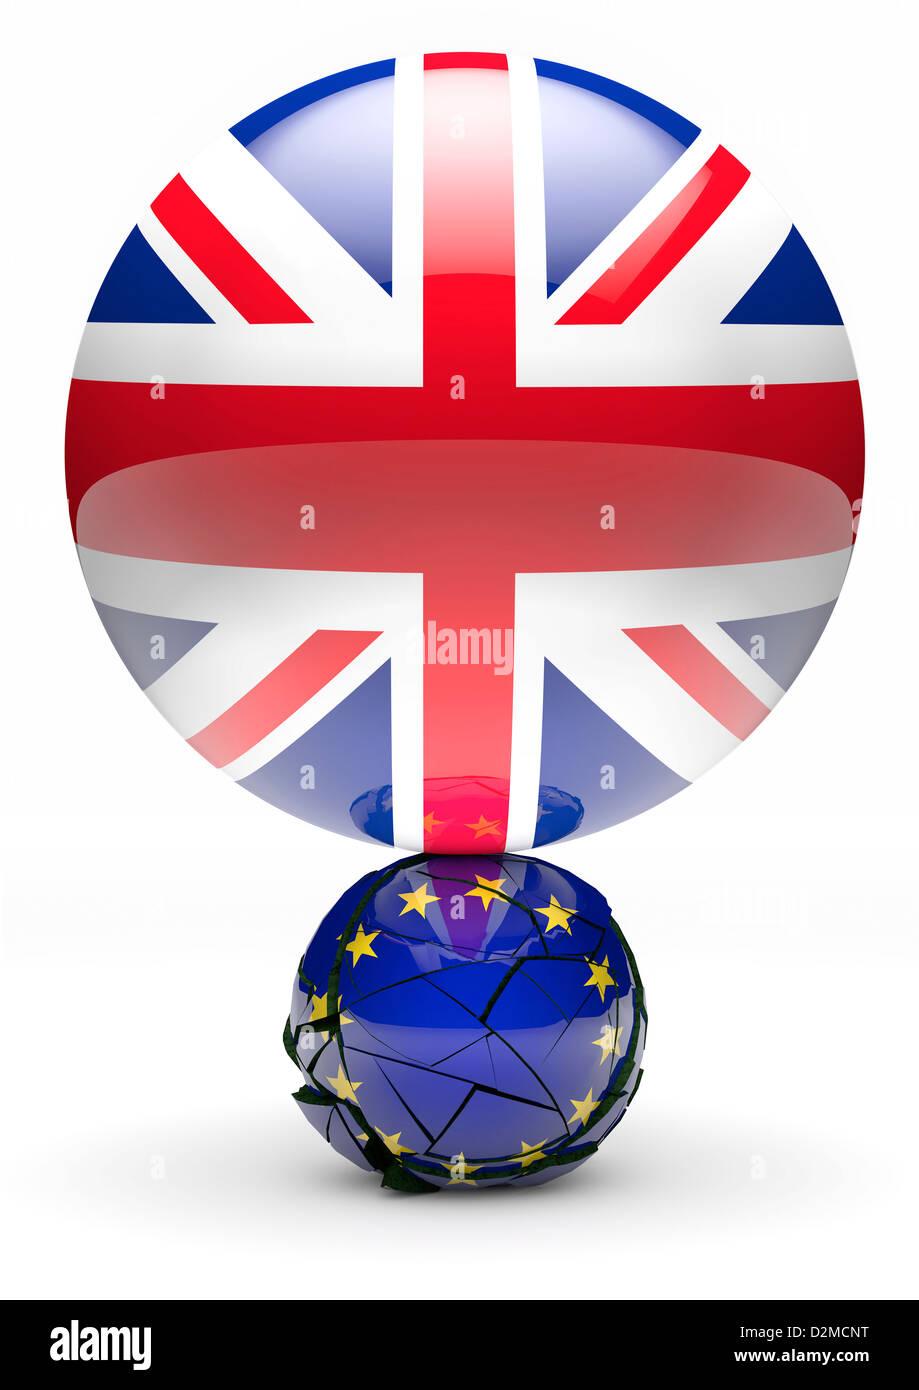 Referendum UE concetto - Unione bandiera sfera minore di frantumazione bandiera europea sfera Immagini Stock